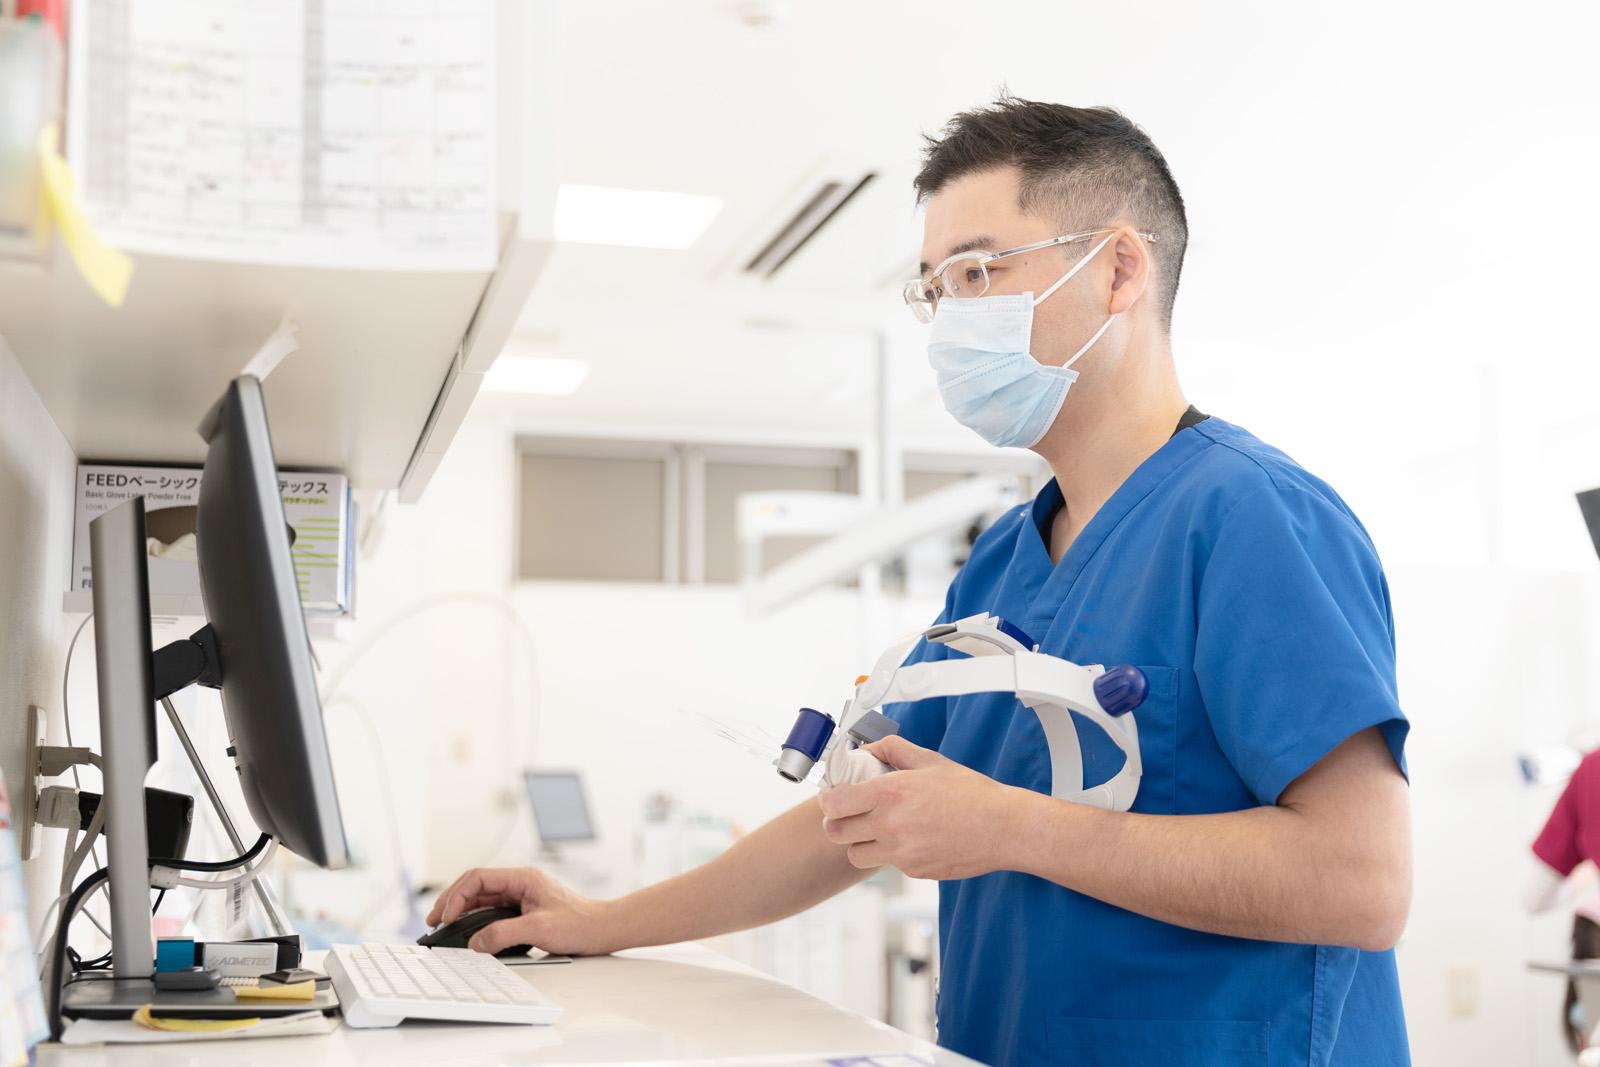 入れ歯作りにかける想い 担当医から